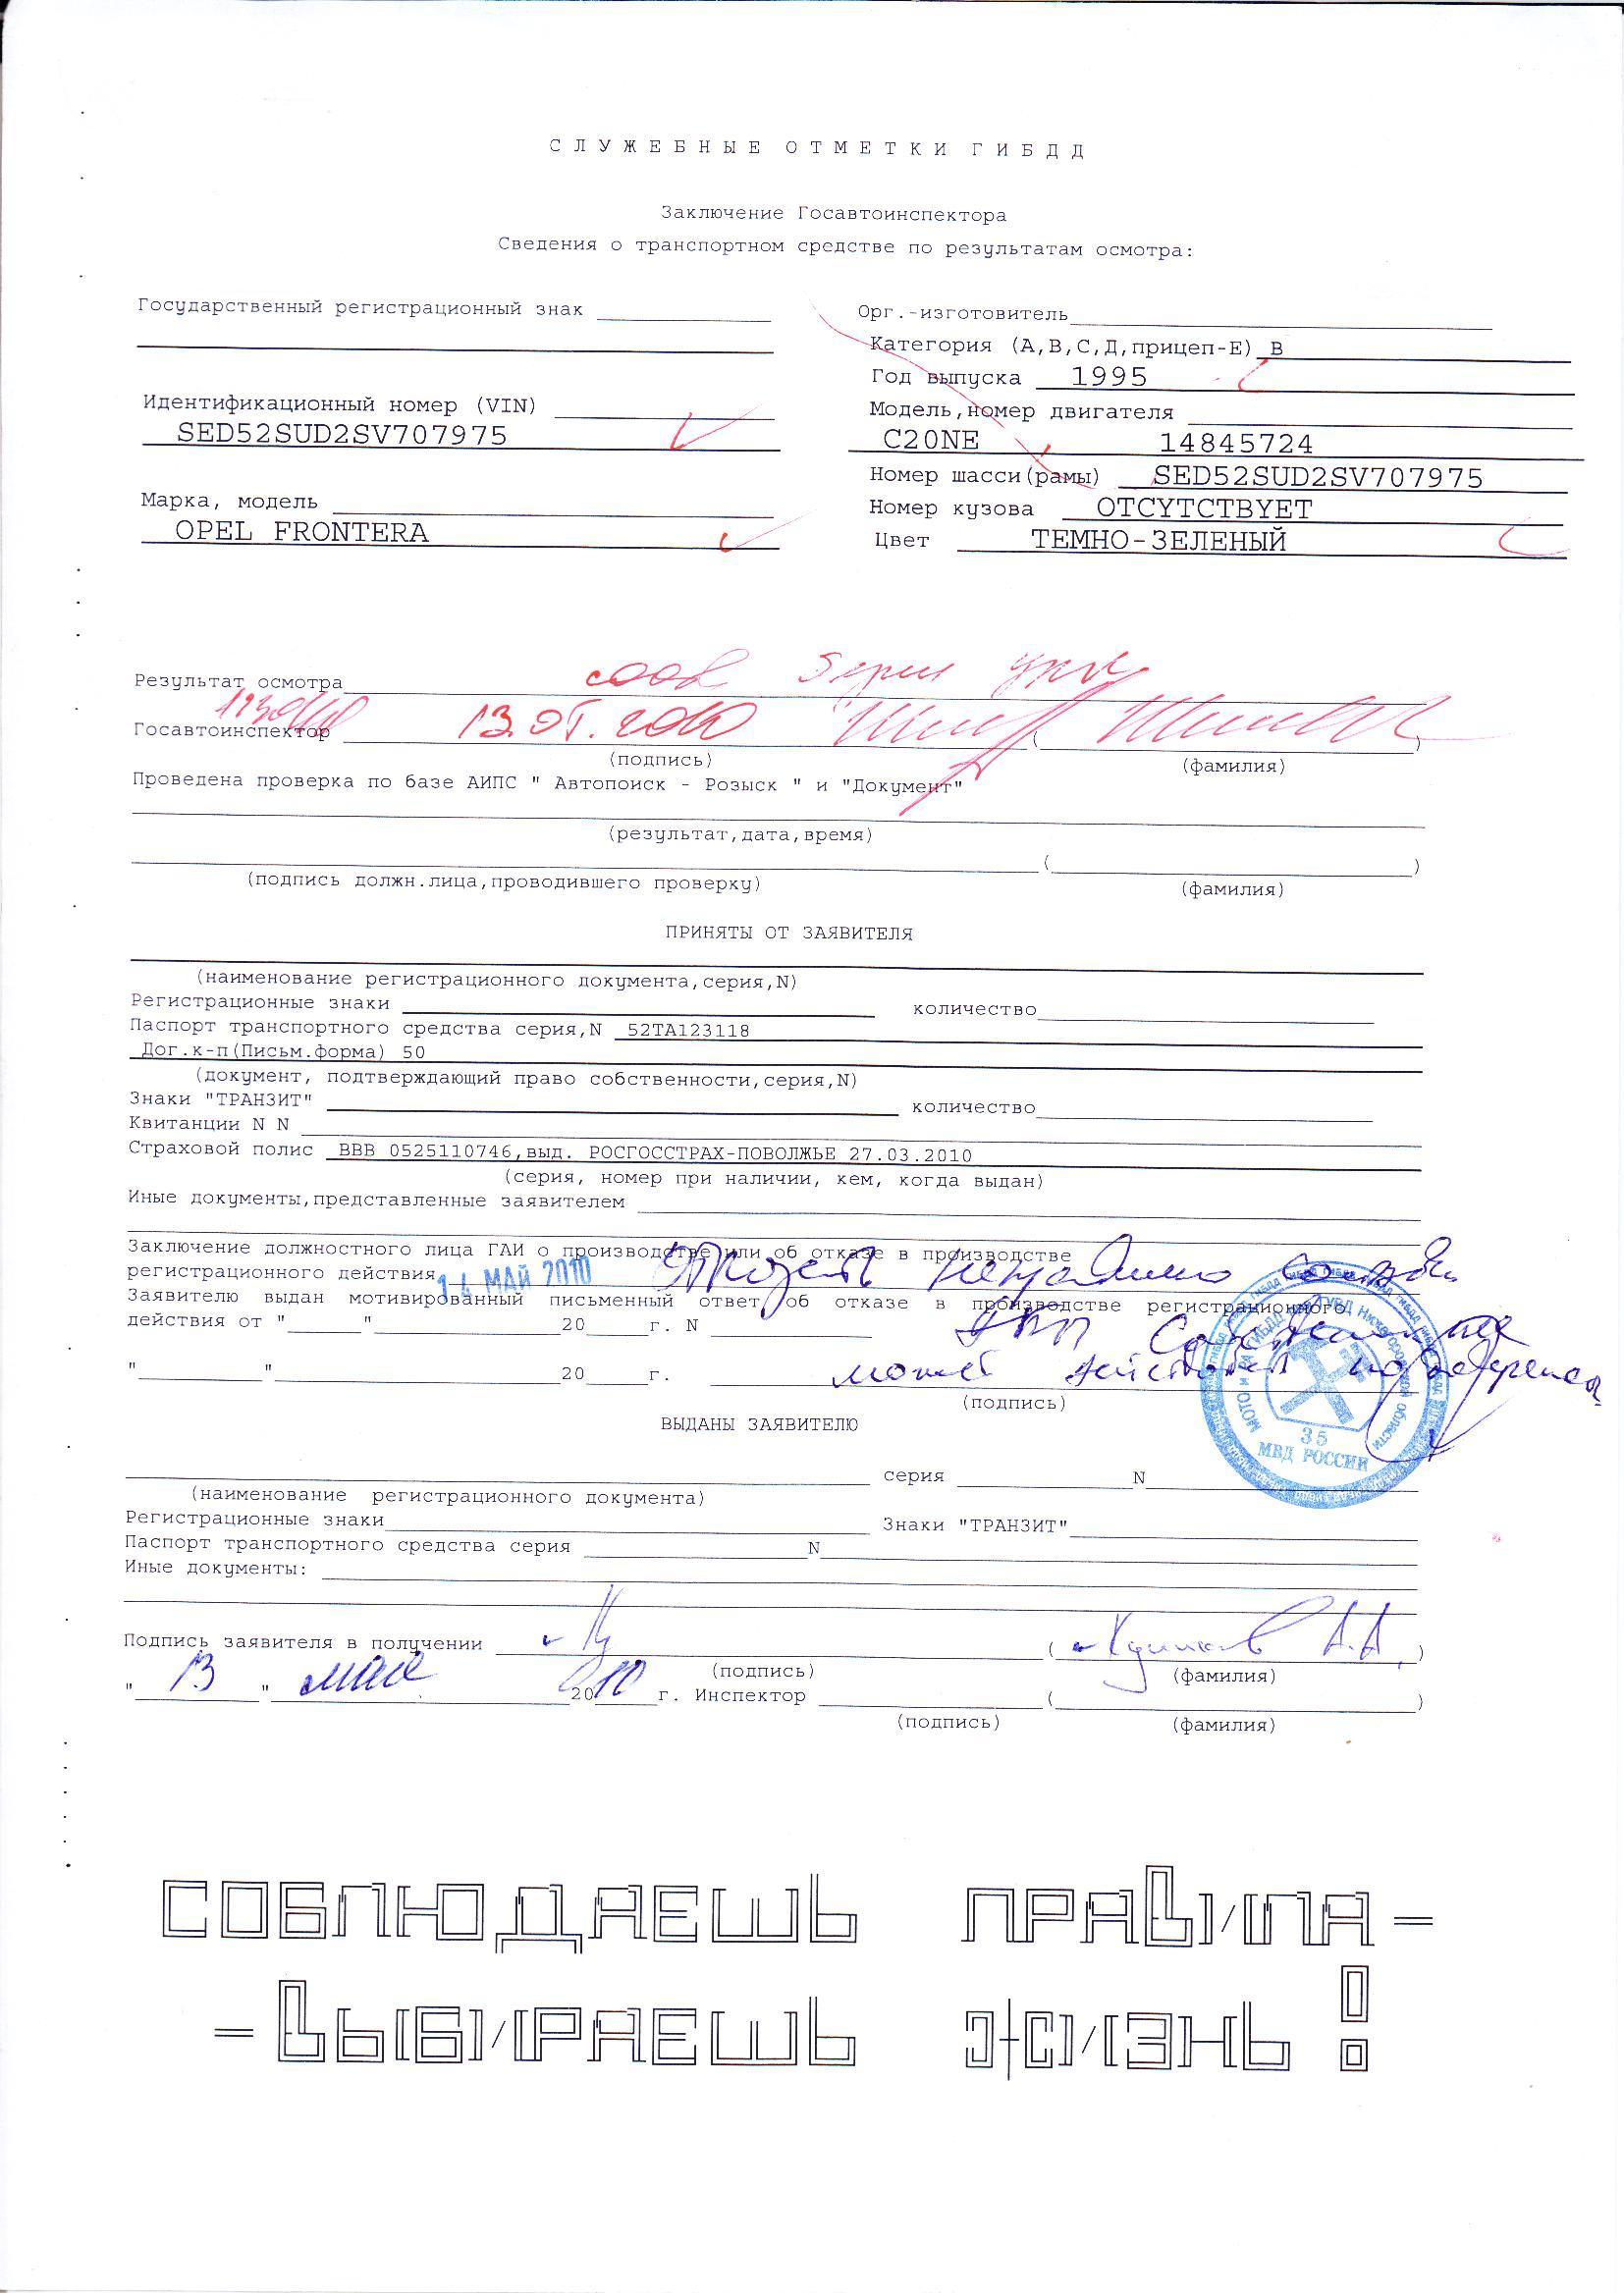 бланк договор купли-продажи автомобиля 2013 распечатать